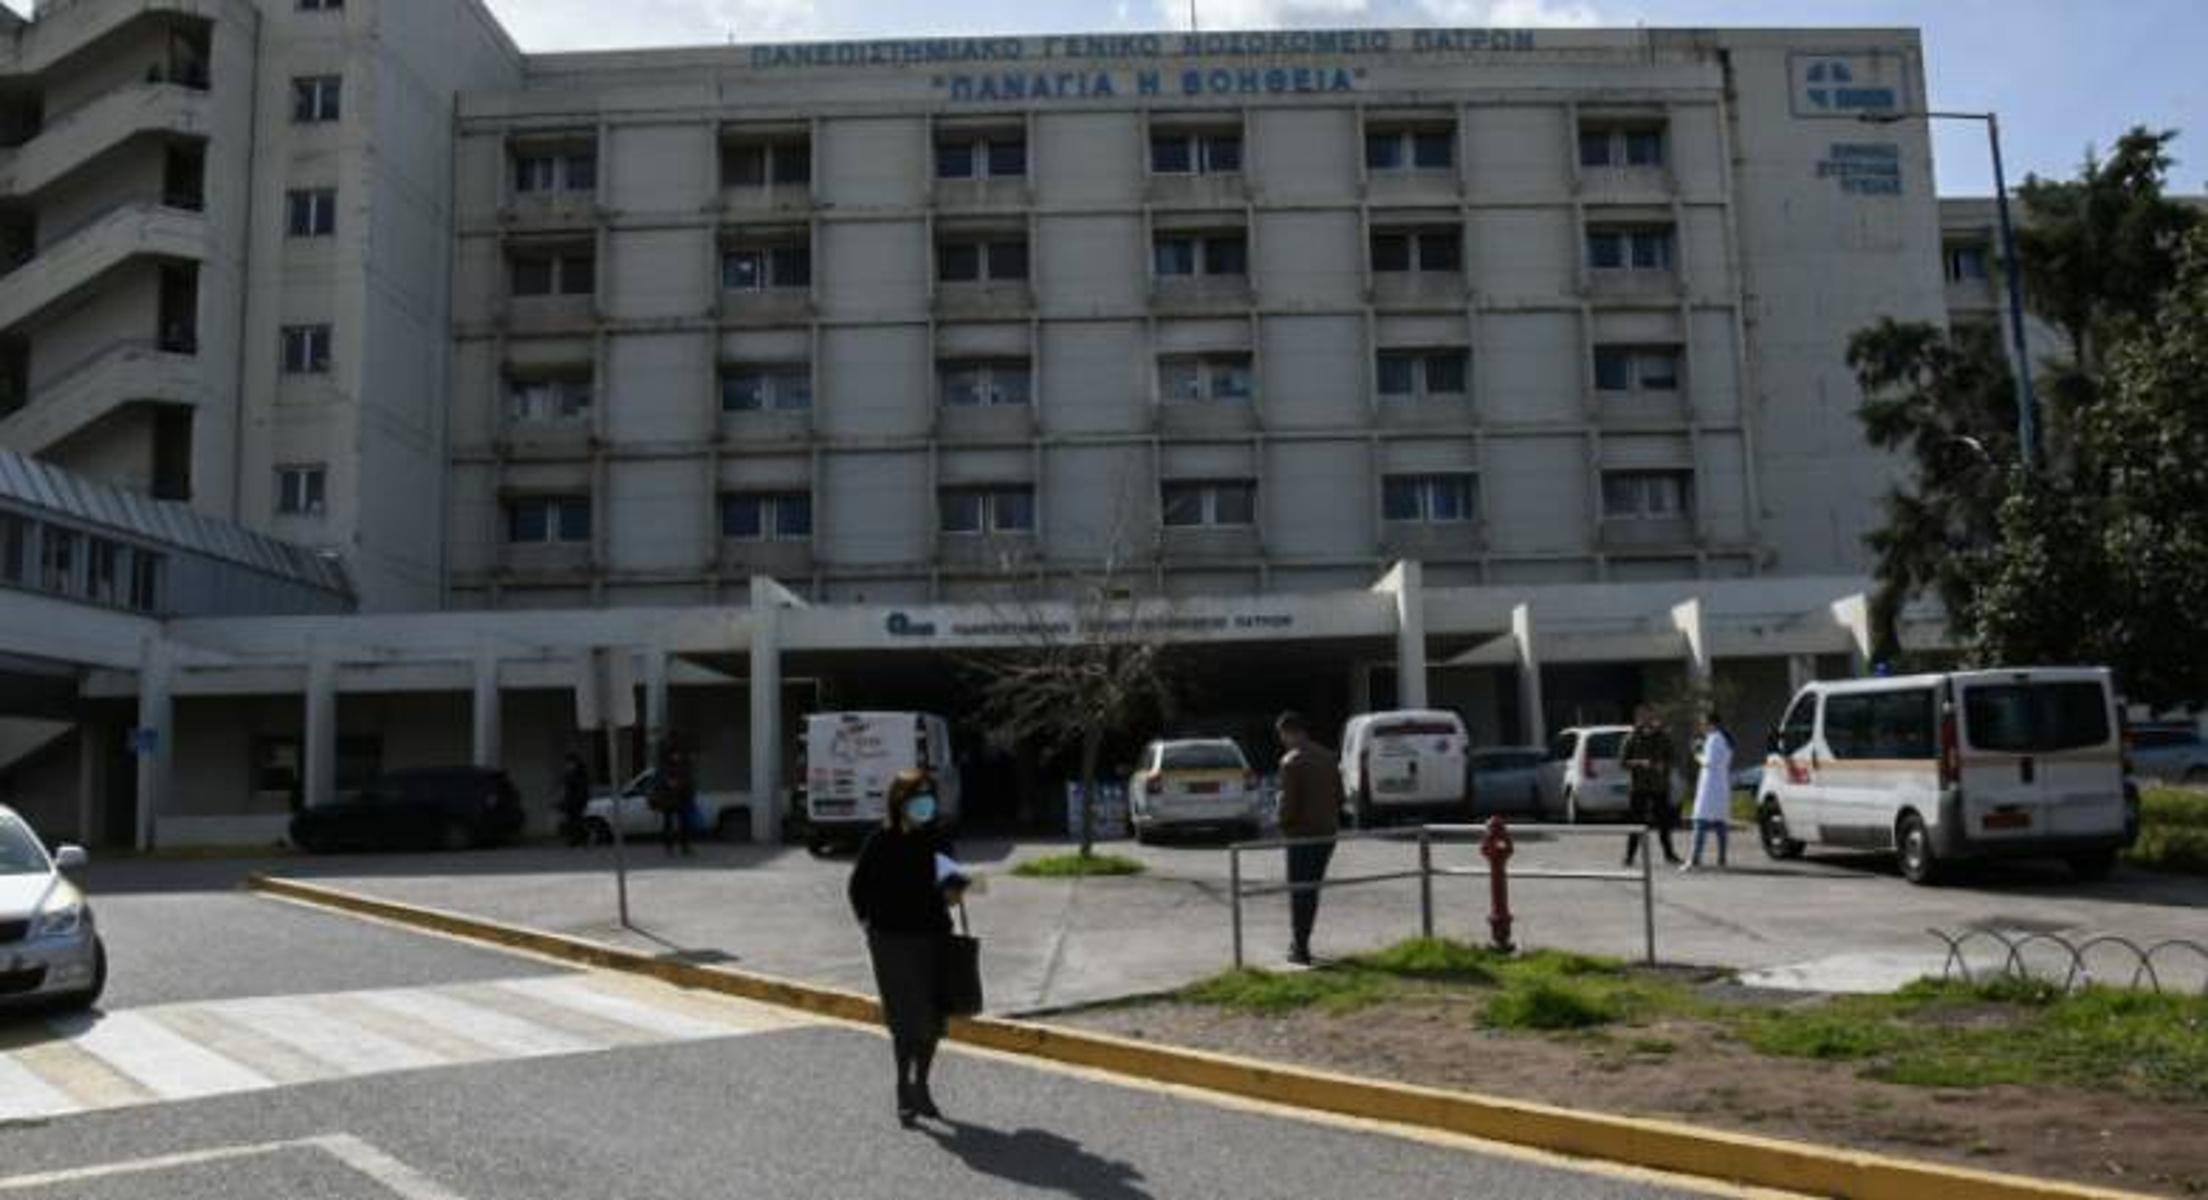 Πάτρα: Μάχη για τη ζωής της δίνει 8χρονη στο νοσοκομείο Ρίου – Αναζητείται άμεσα μόσχευμα καρδιάς